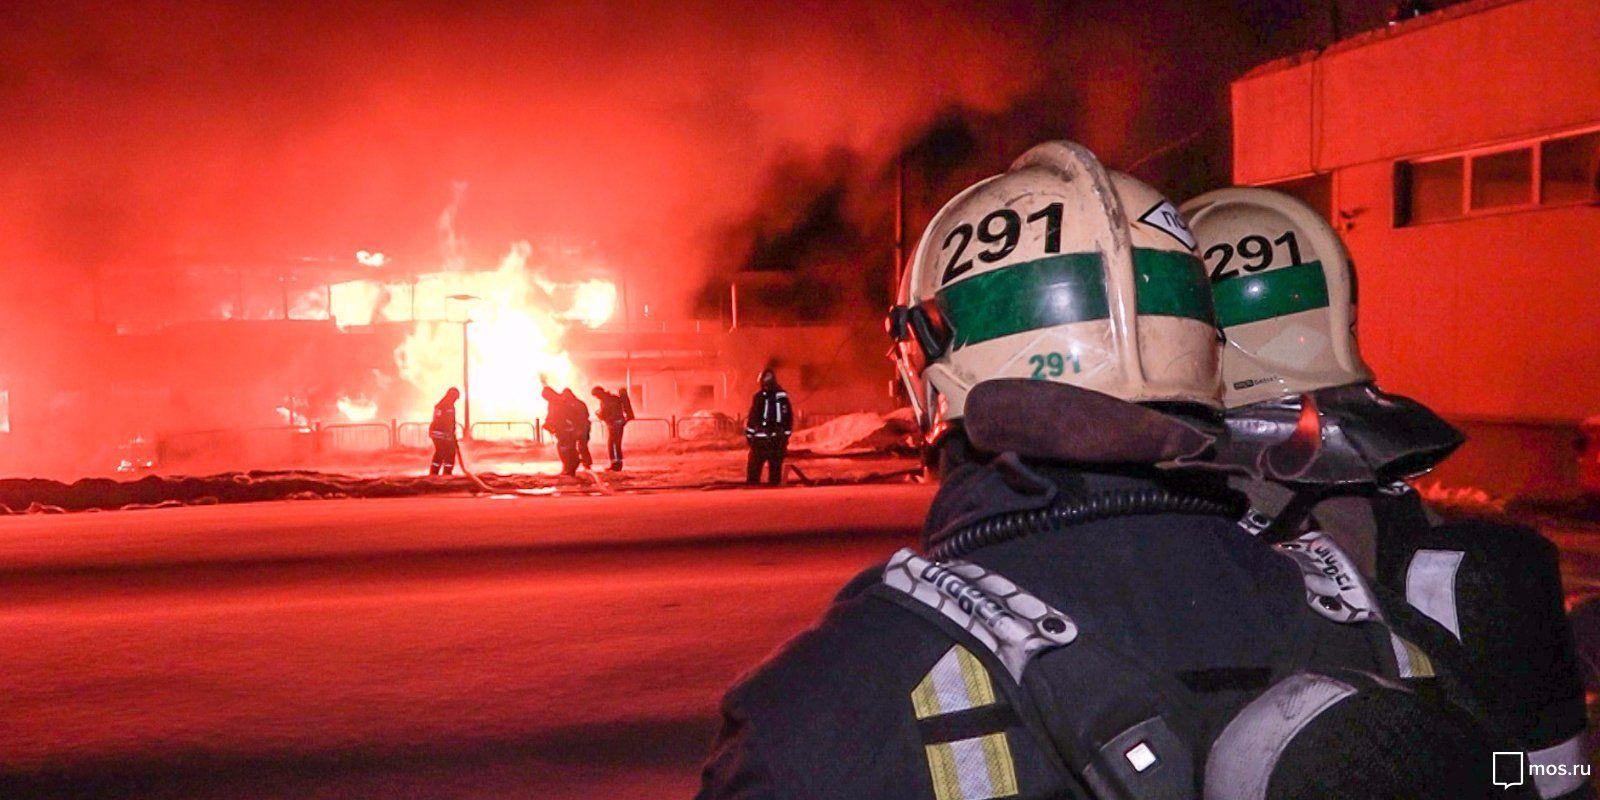 Московские спасатели несут службу на боевом посту